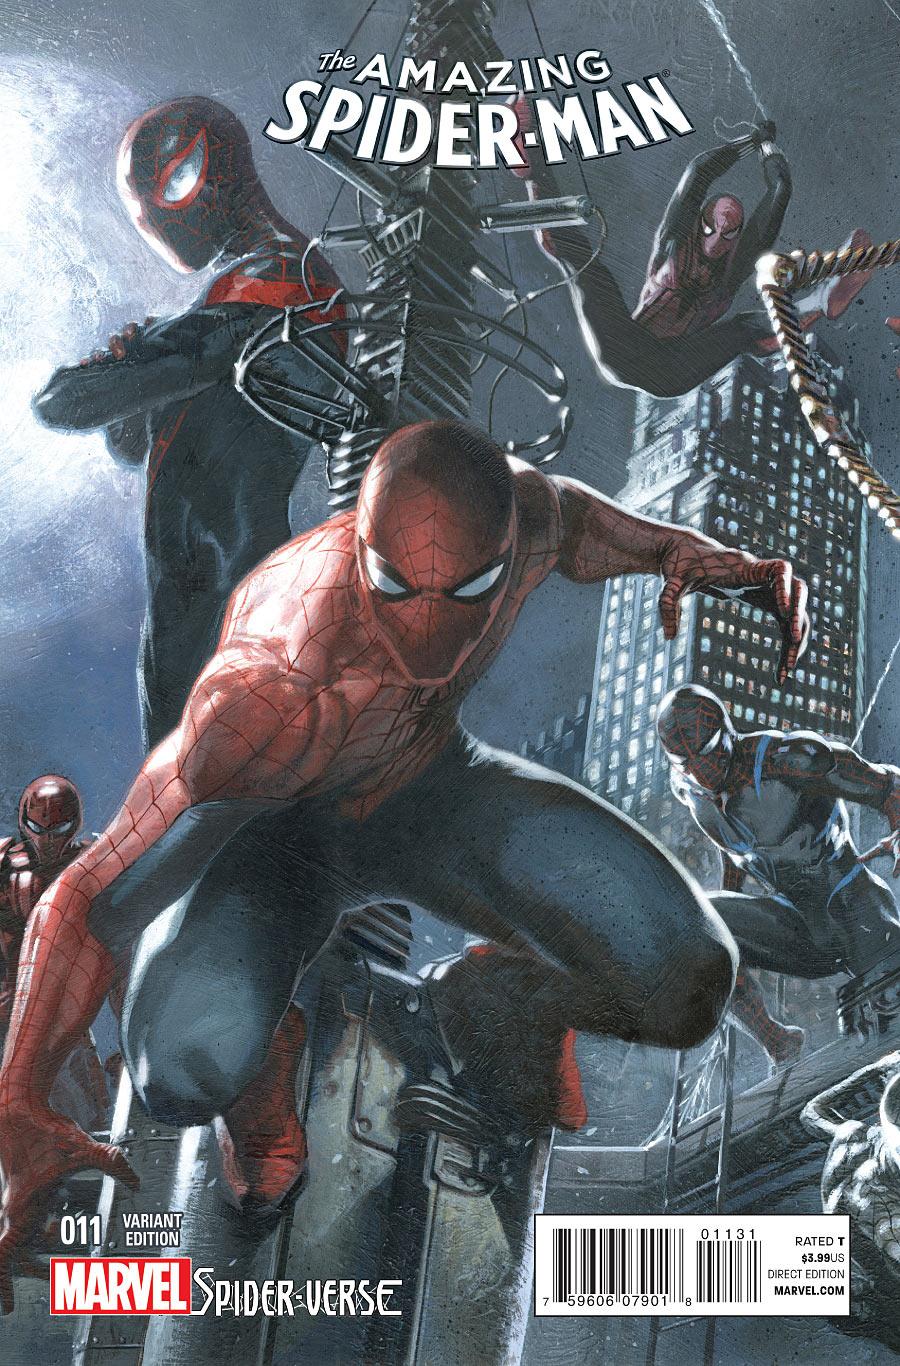 AmazingSpider-Man(2014)#11--variantcover